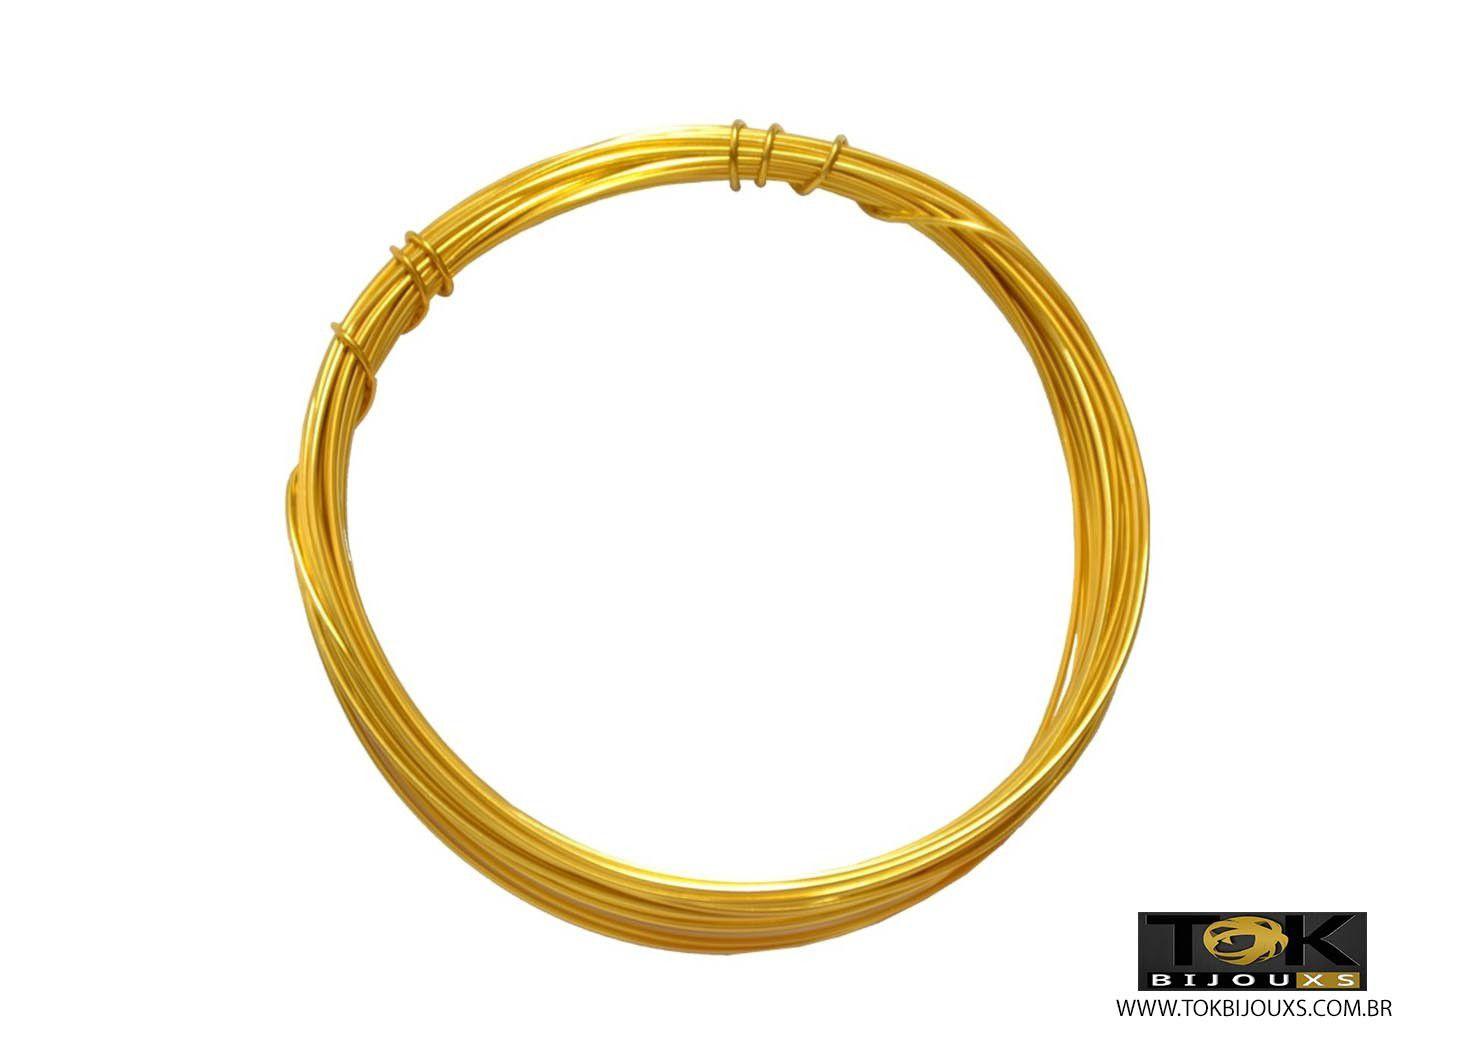 Arame Aluminio Dourado 2,0mm - 1 kg